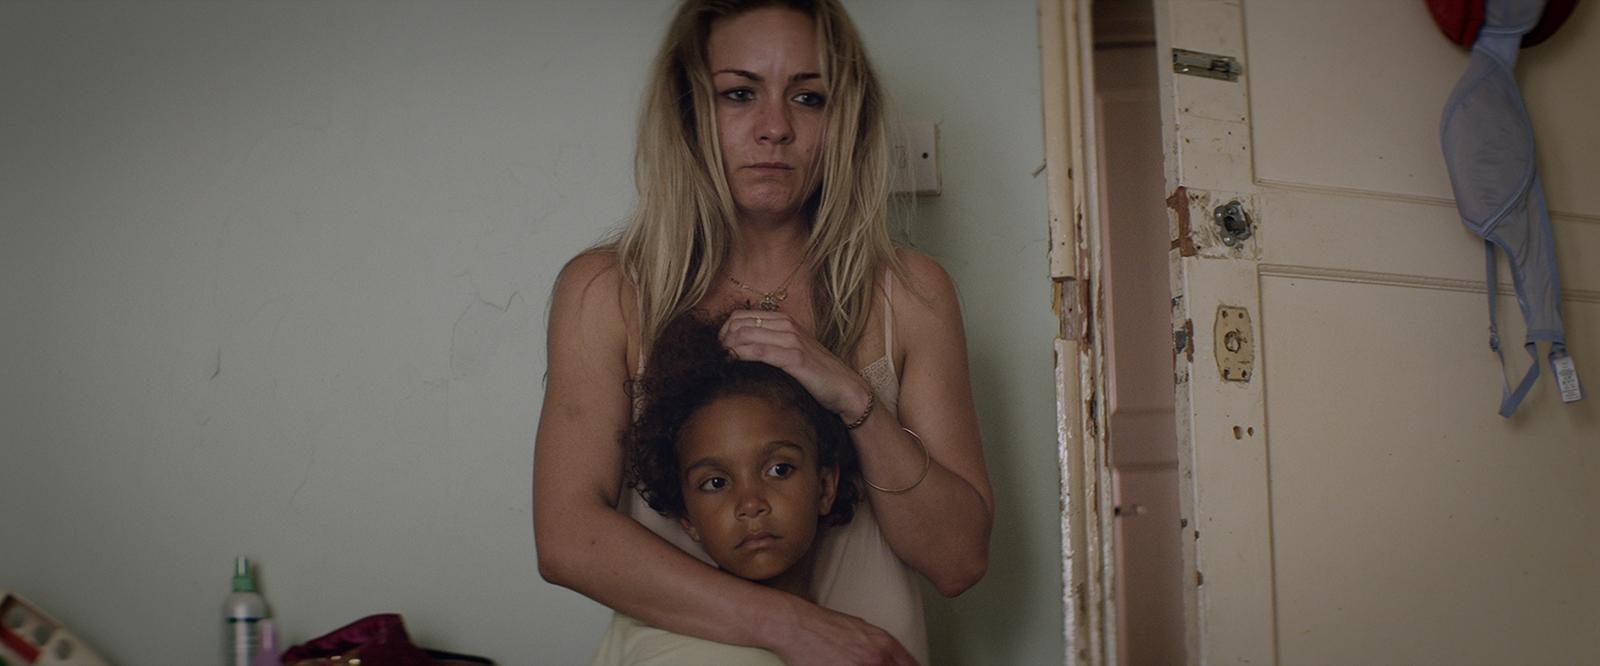 Snow in Paradise: Claire-Louise Cordwell in una drammatica immagine del film